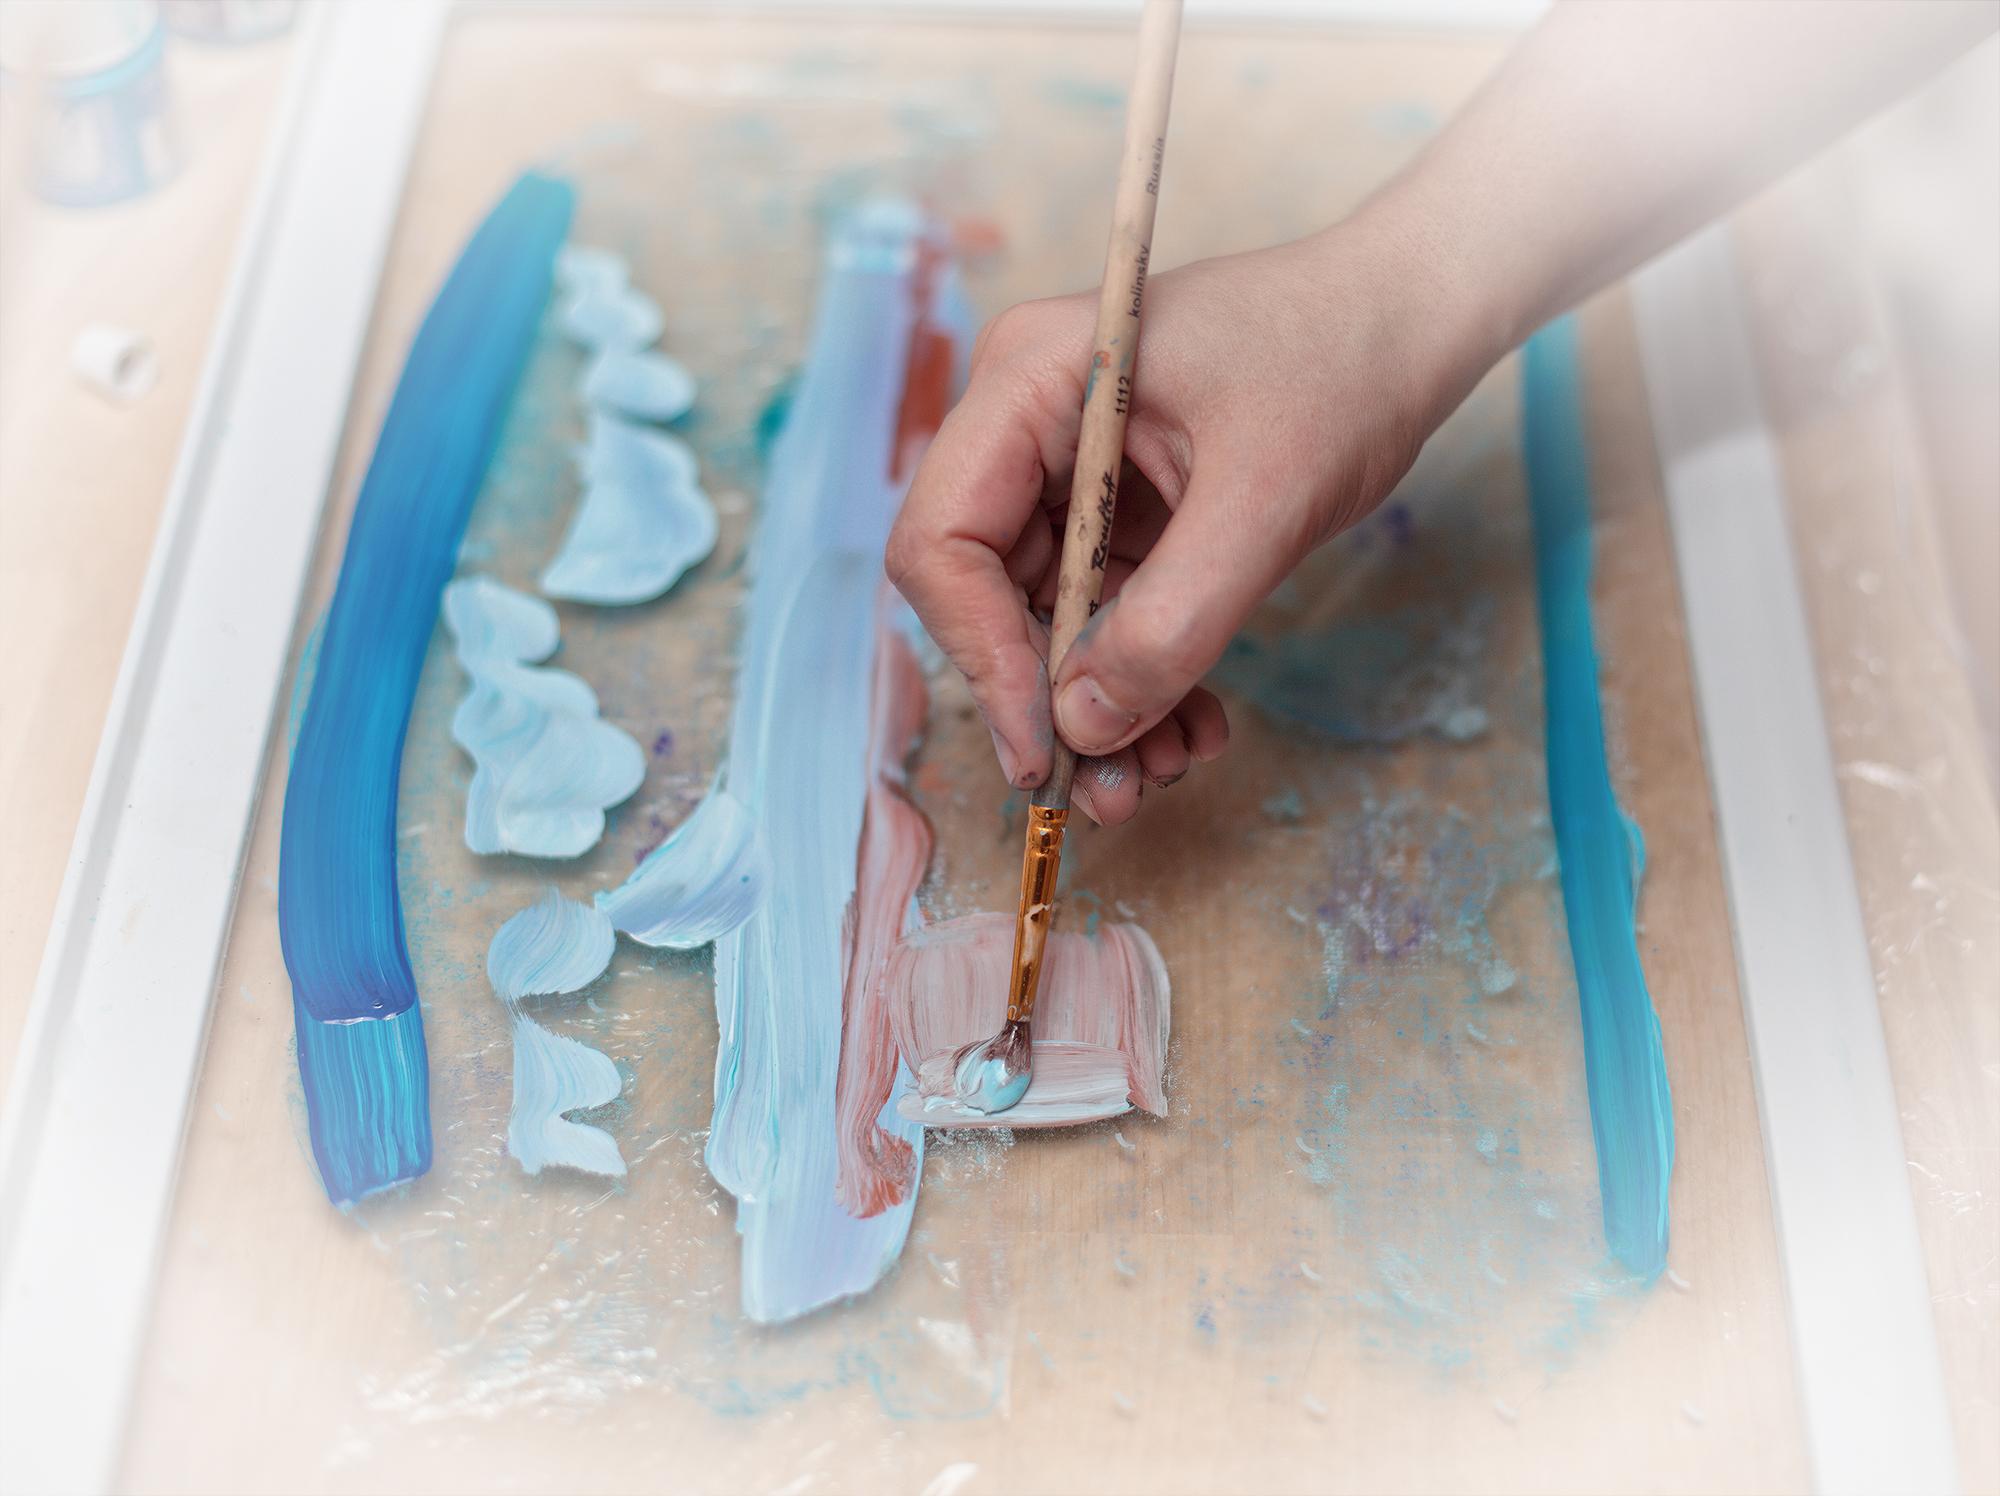 monotype, lesson, Master Class, silk, paint, workshop, hand print, монотипия, мастер-класс, семинар, урок, ручная печать, ткань, принт, шелк, рабочий процесс, work process, кисть, brush